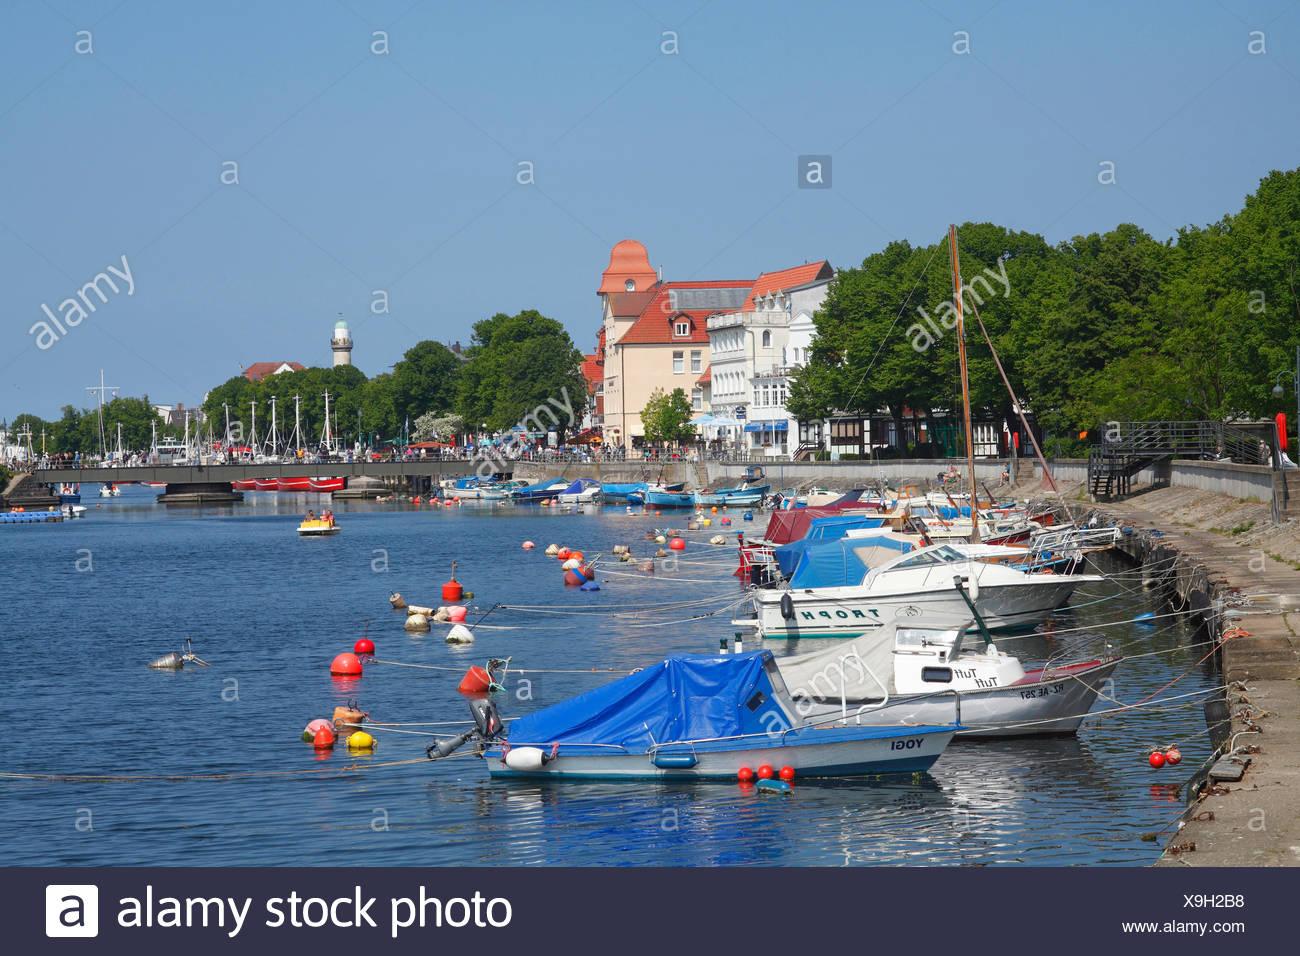 Deutschland, Mecklenburg-Vorpommern, Rostock-Warnemünde, Alter Strom mit Häusern und Booten, Stock Photo